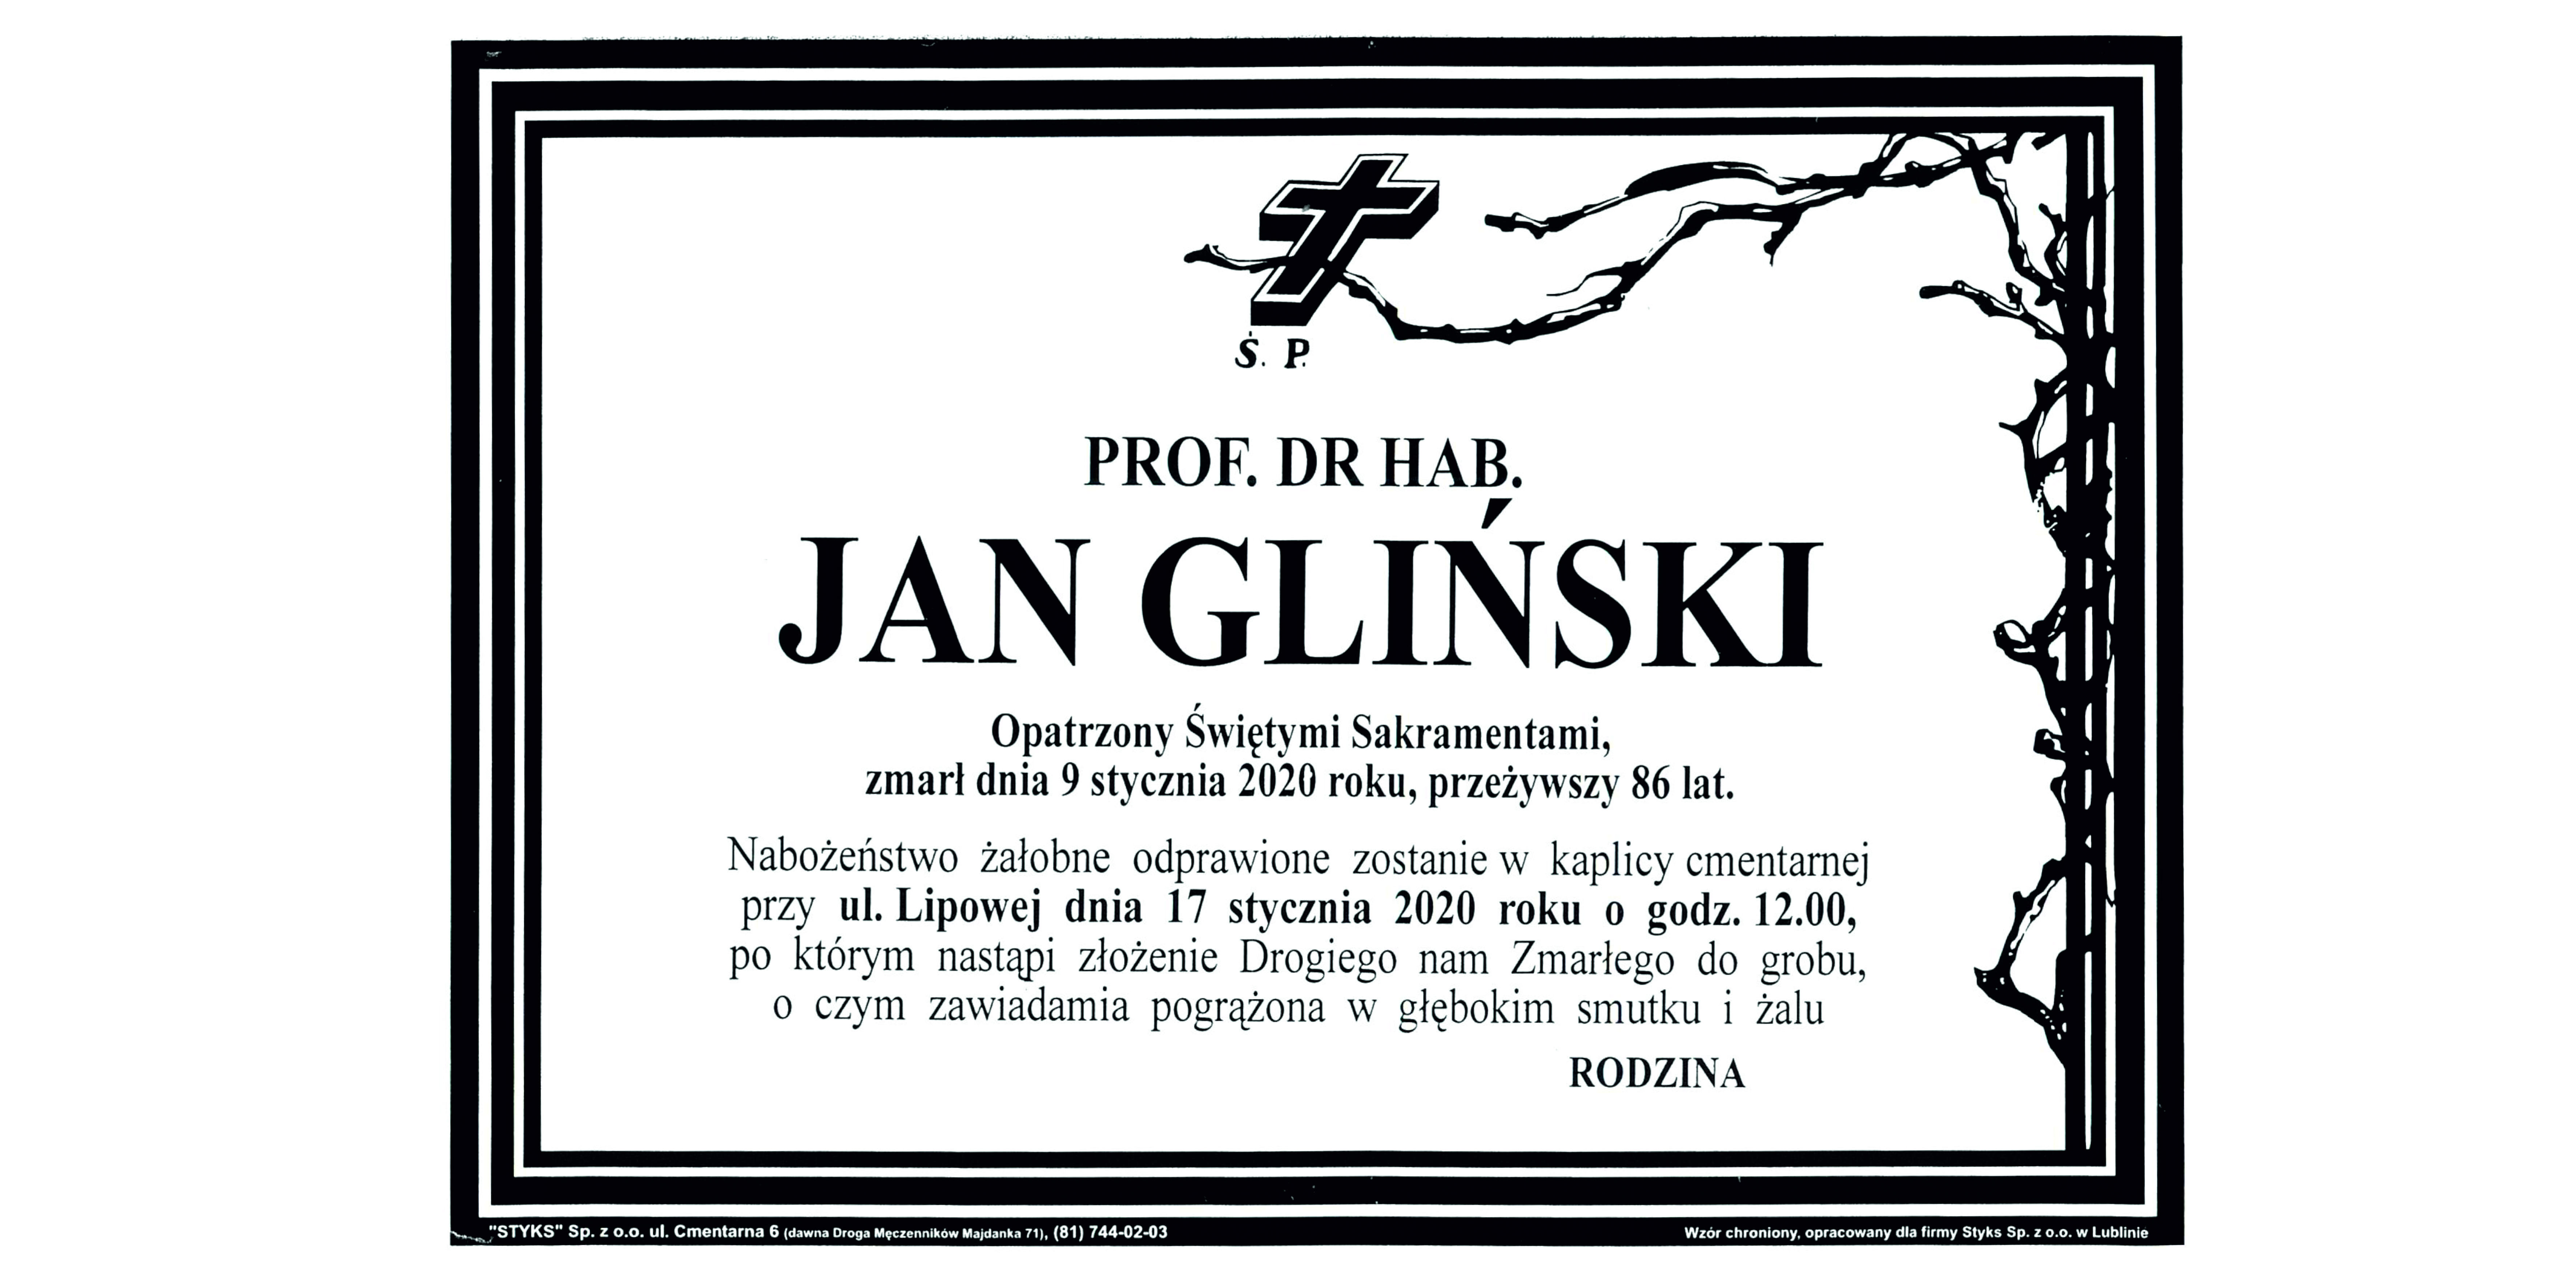 (Polski) Zmarł Prof. dr hab. Jan Gliński